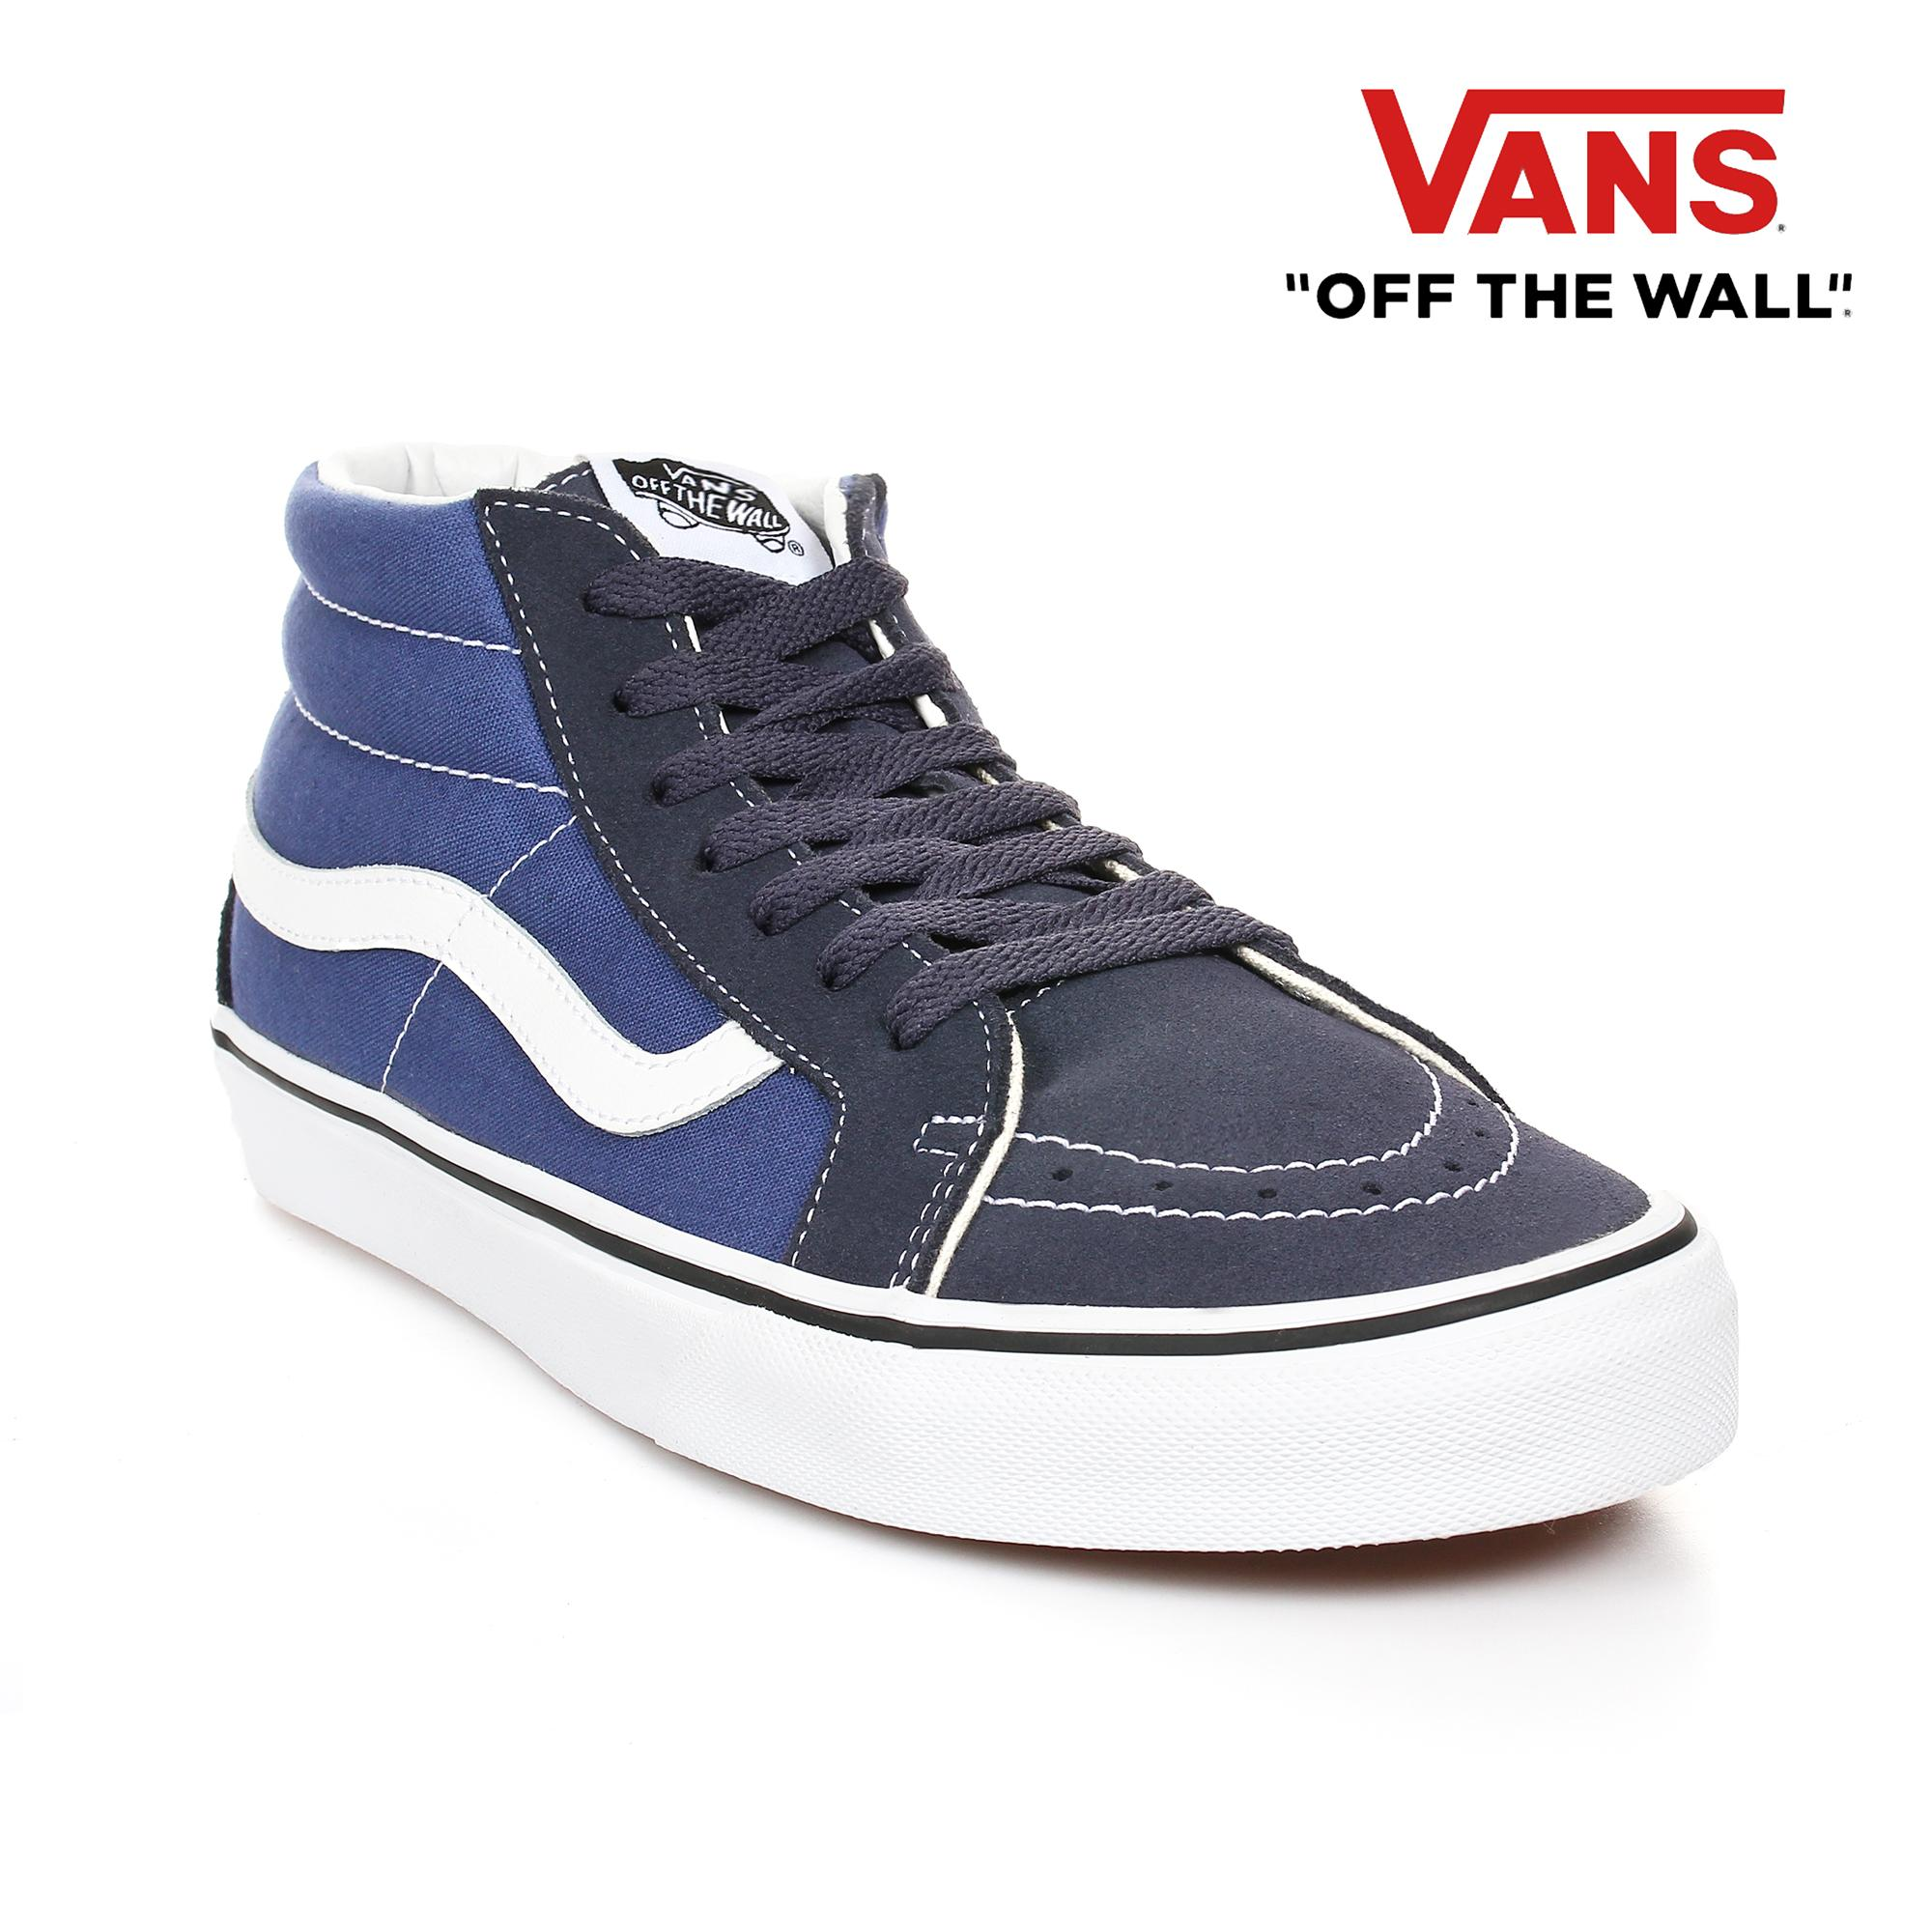 Vans Shoes for Men Philippines - Vans Men s Shoes for sale - prices ... fcbb80b23eec